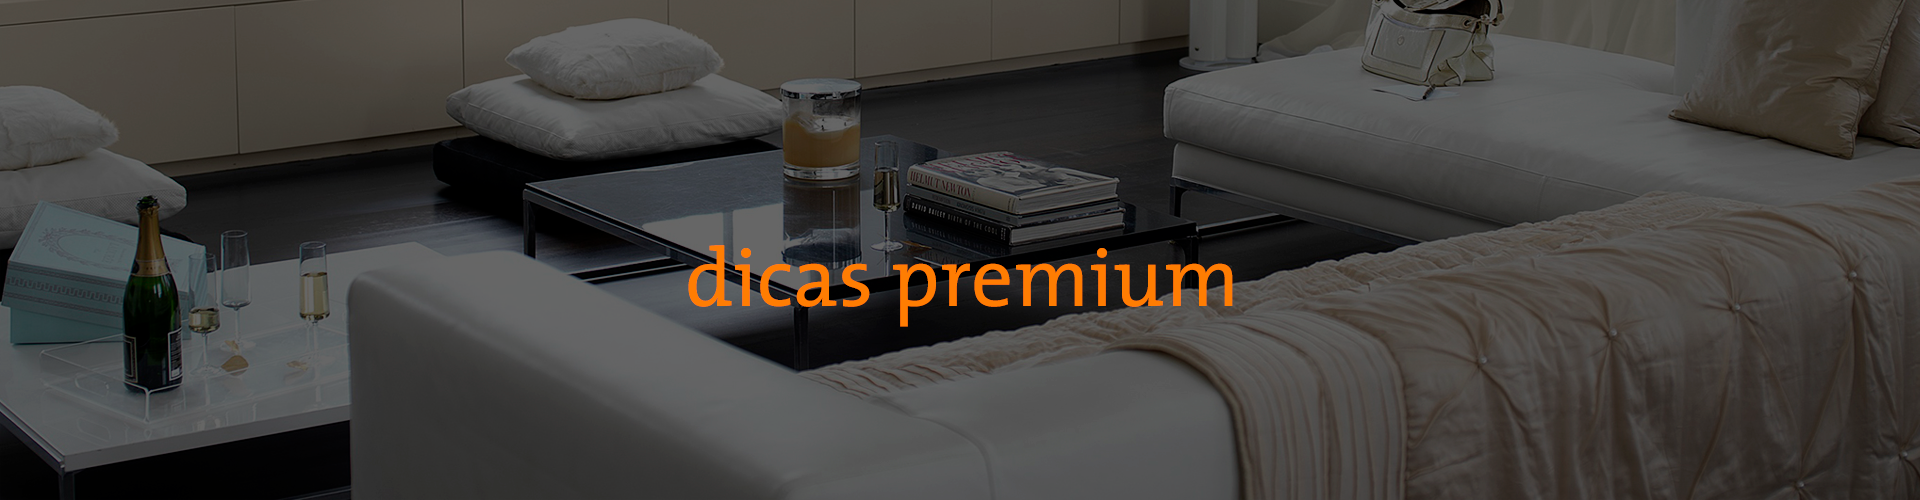 dicas-premium